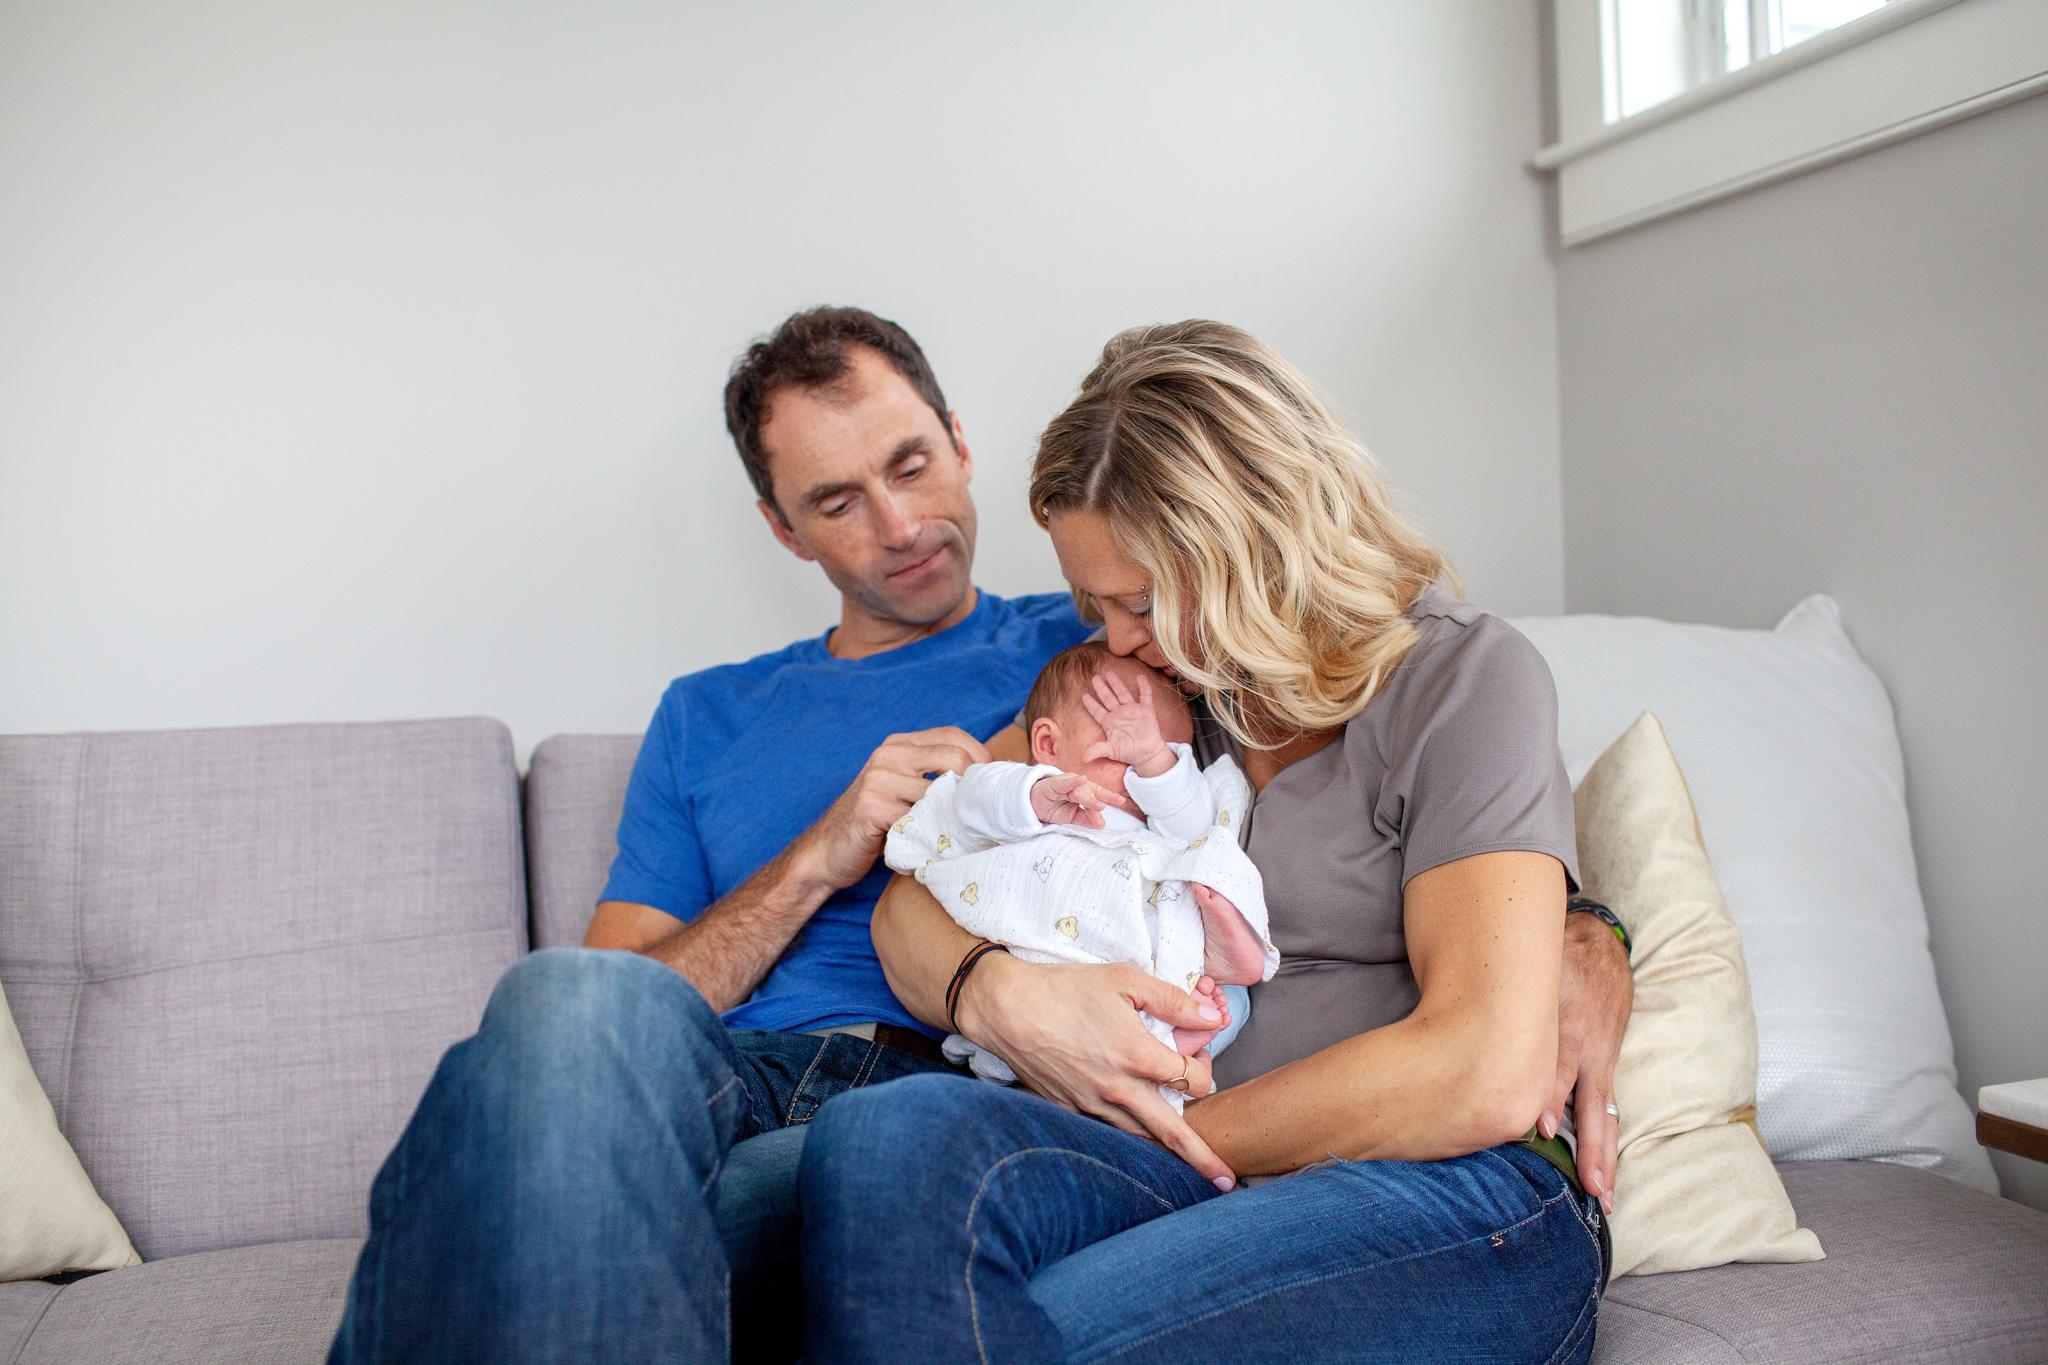 maine-newborn-photographer -4.jpg